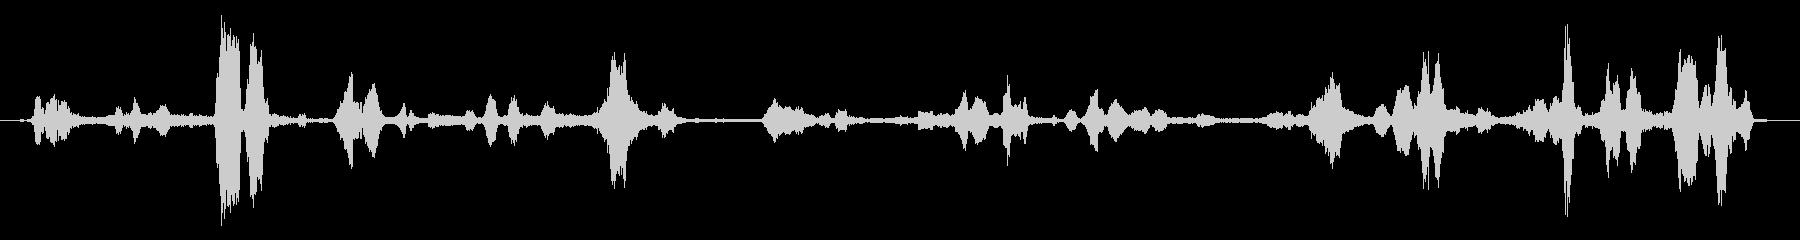 重い無線通信の干渉の未再生の波形